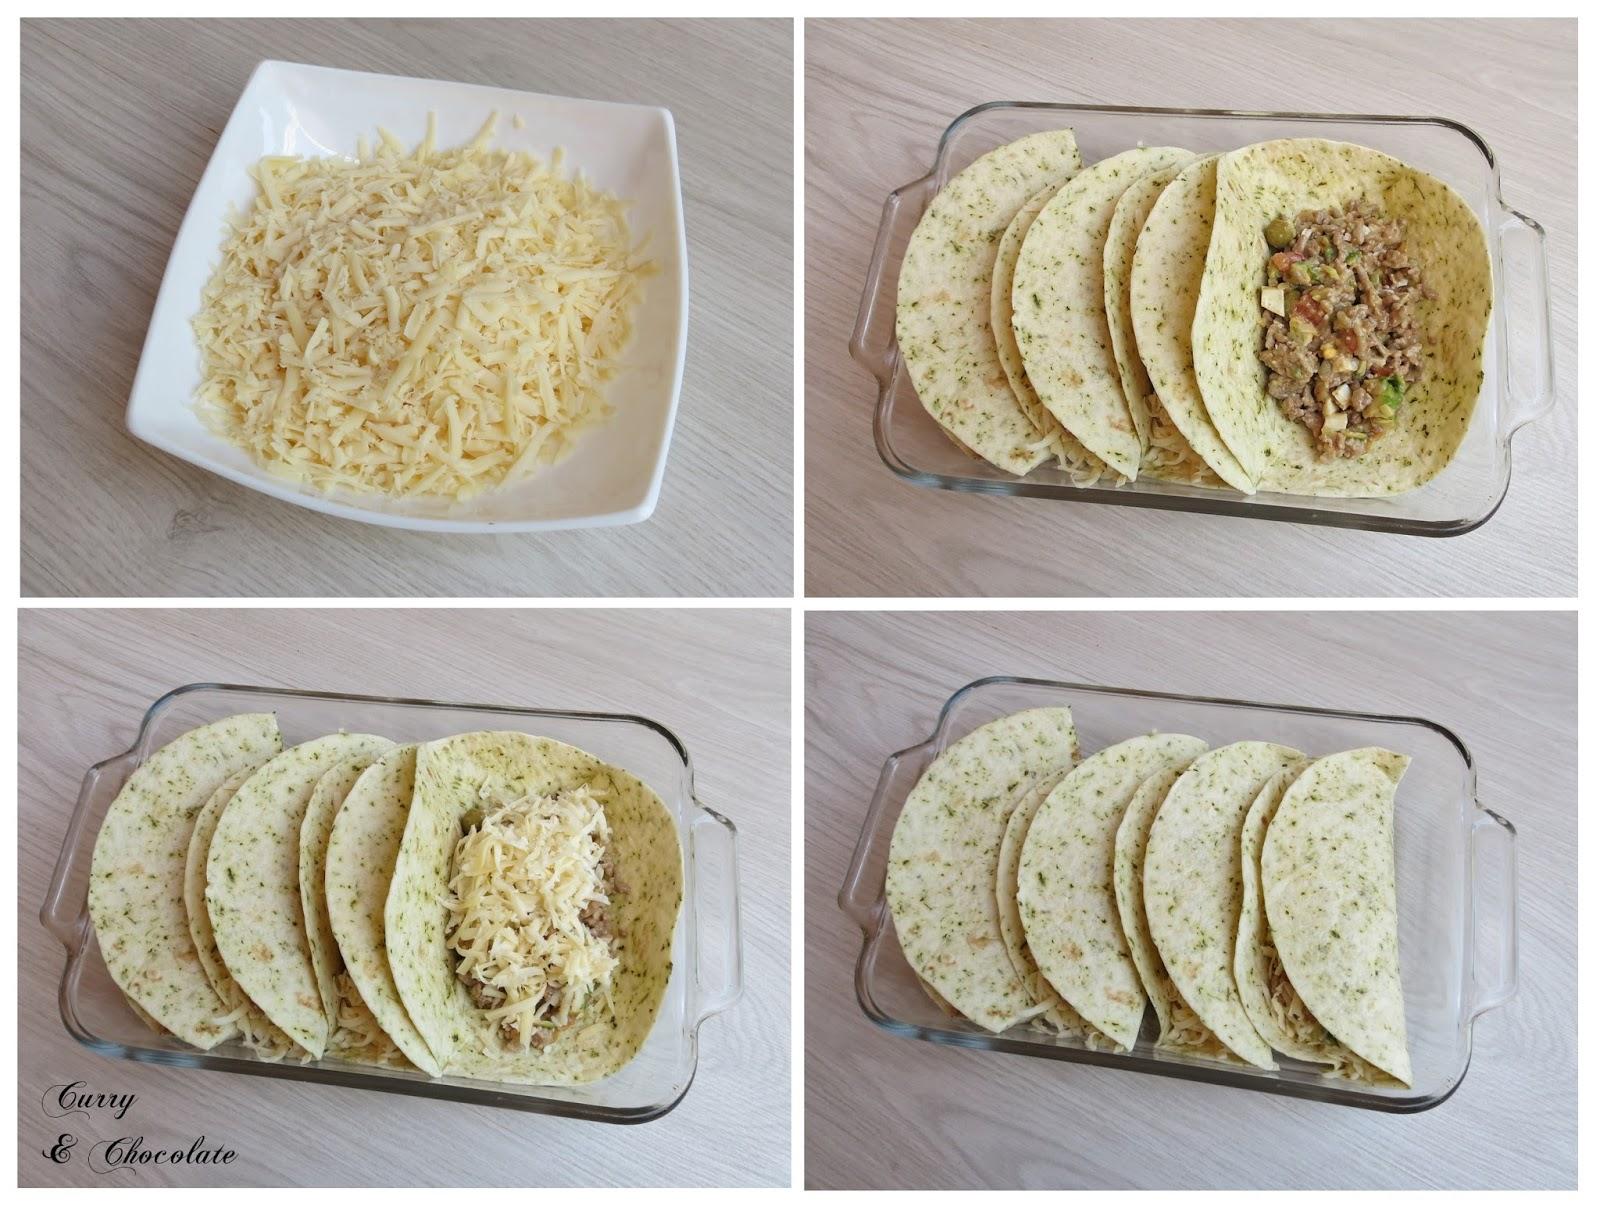 Rellenando las tortillas